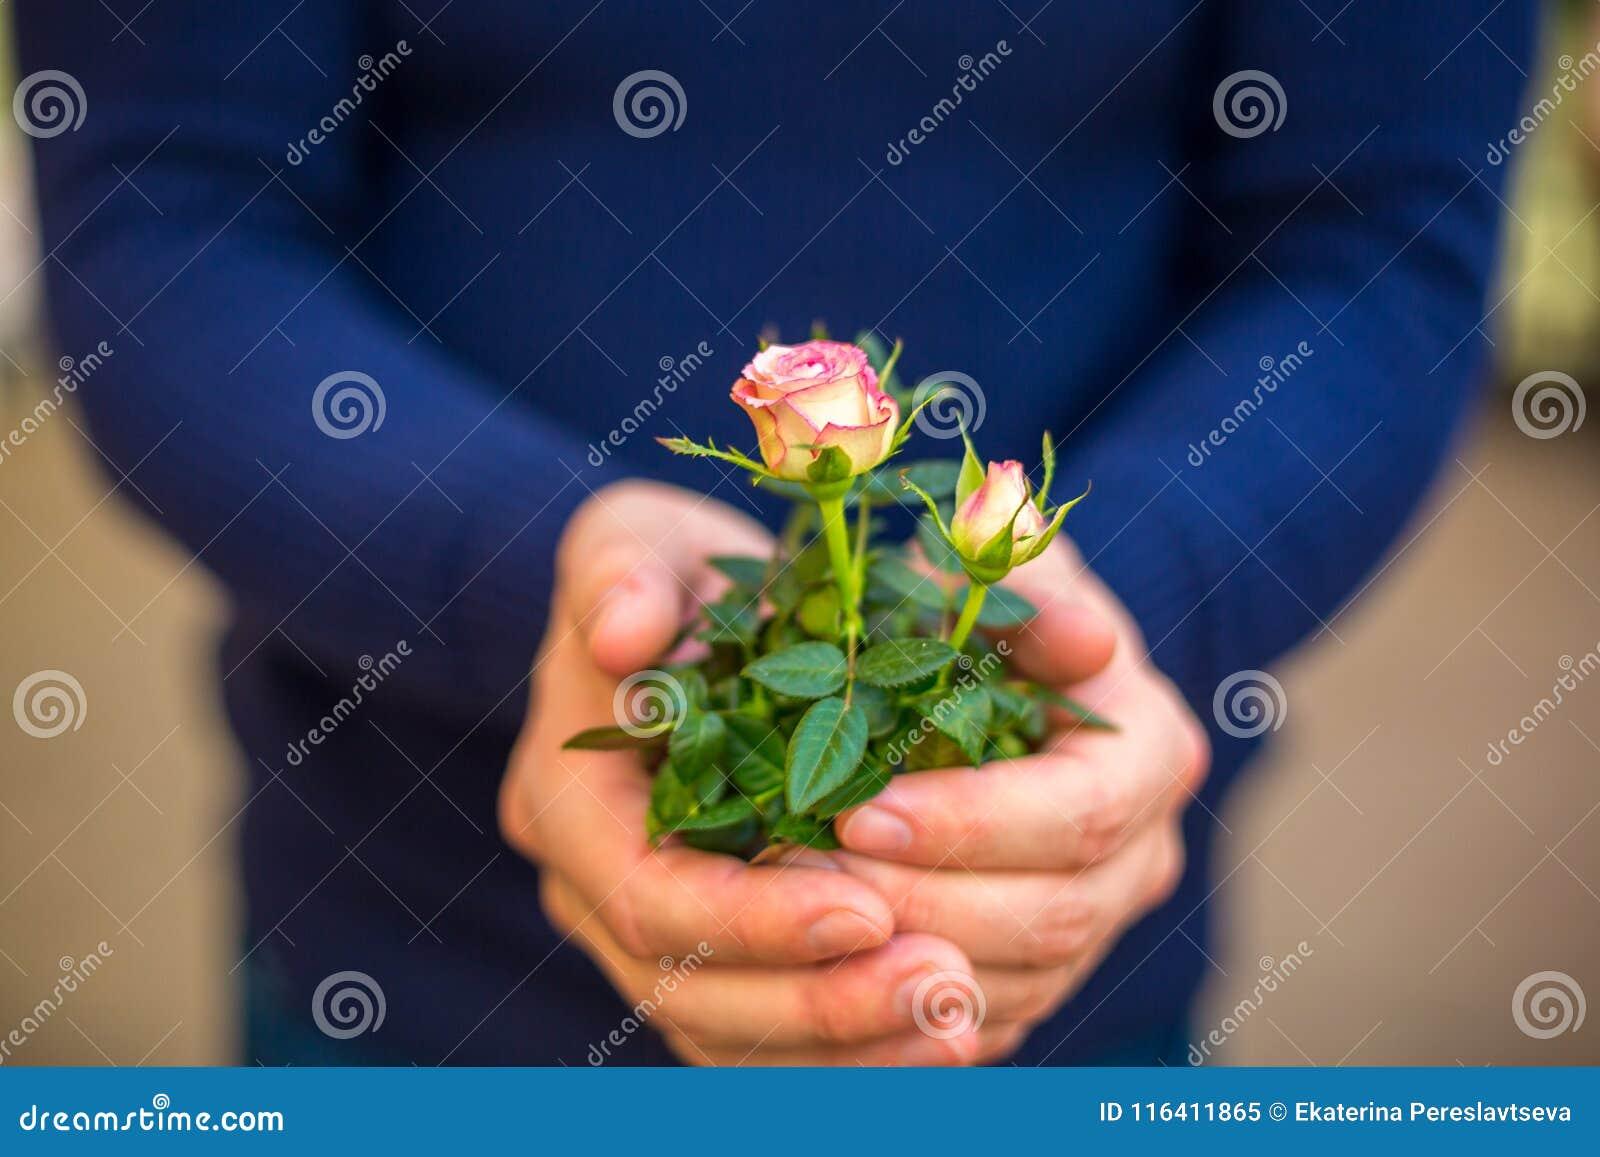 Boeket van rozen in de handen van een mensenclose-up